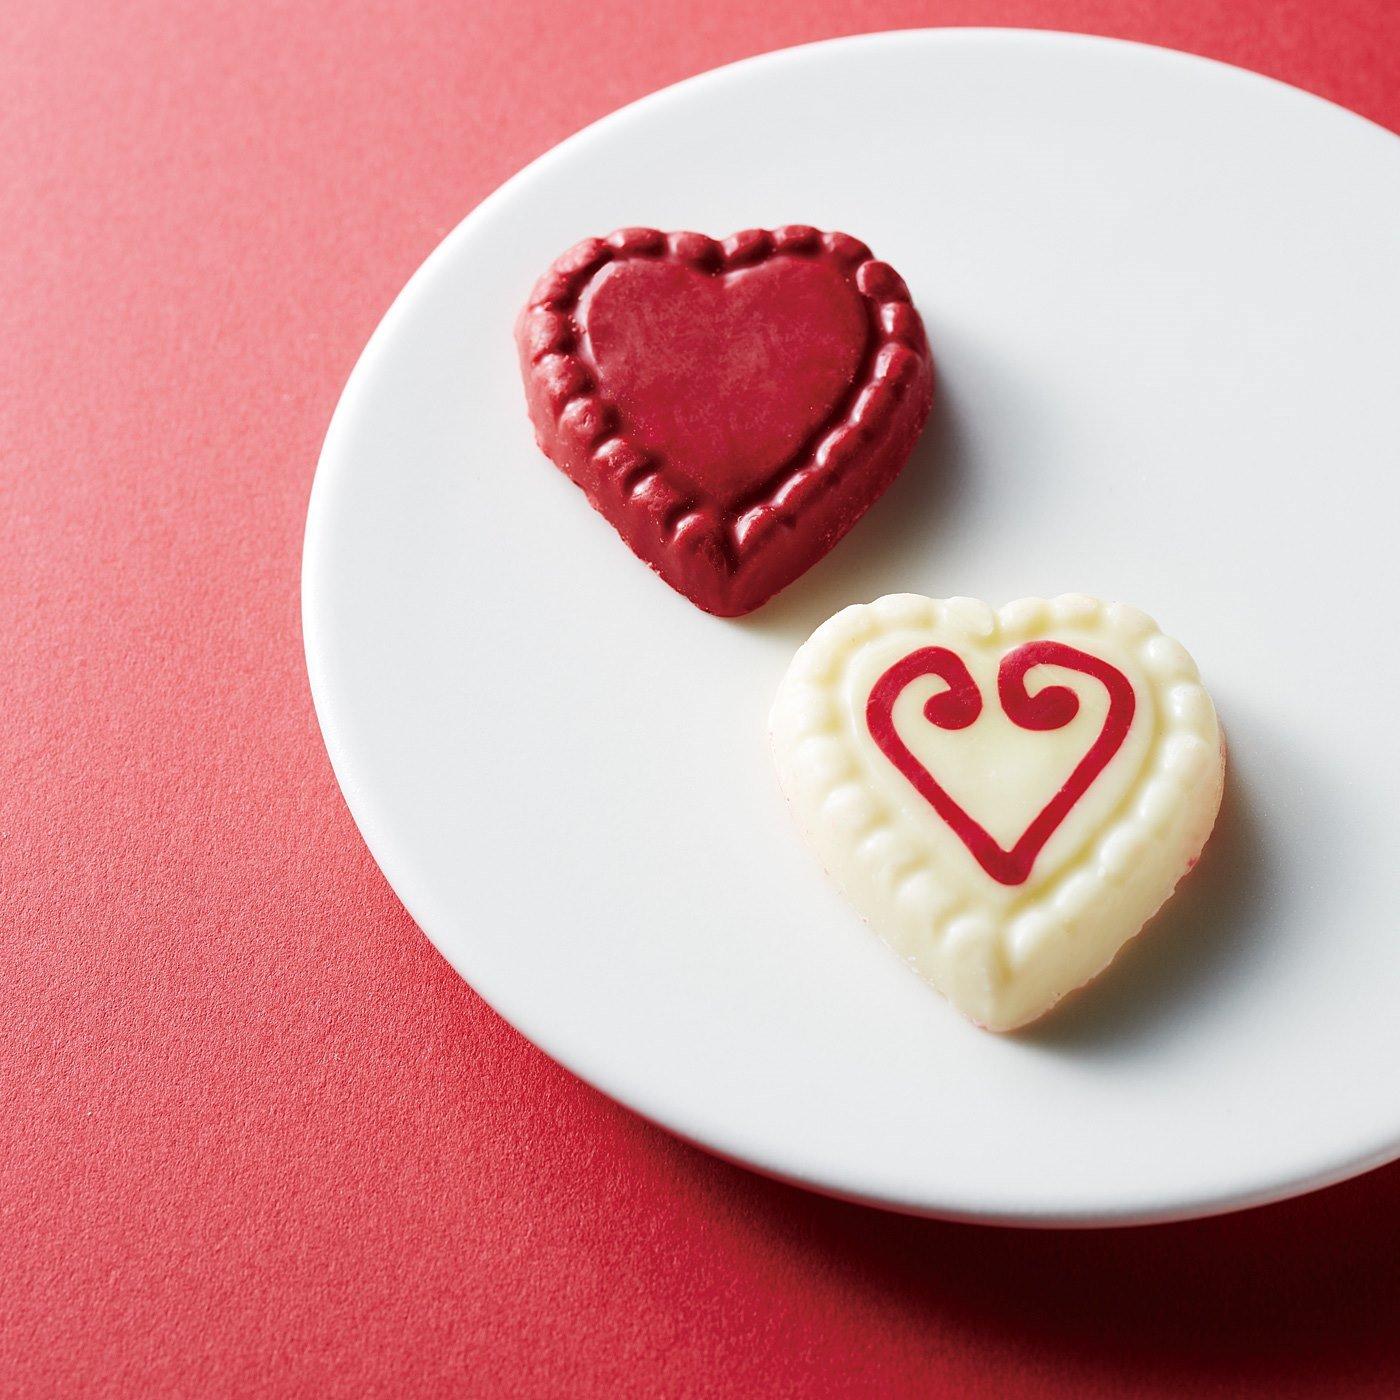 【2月お届け便】ブルスナチョコレート プチハートセット